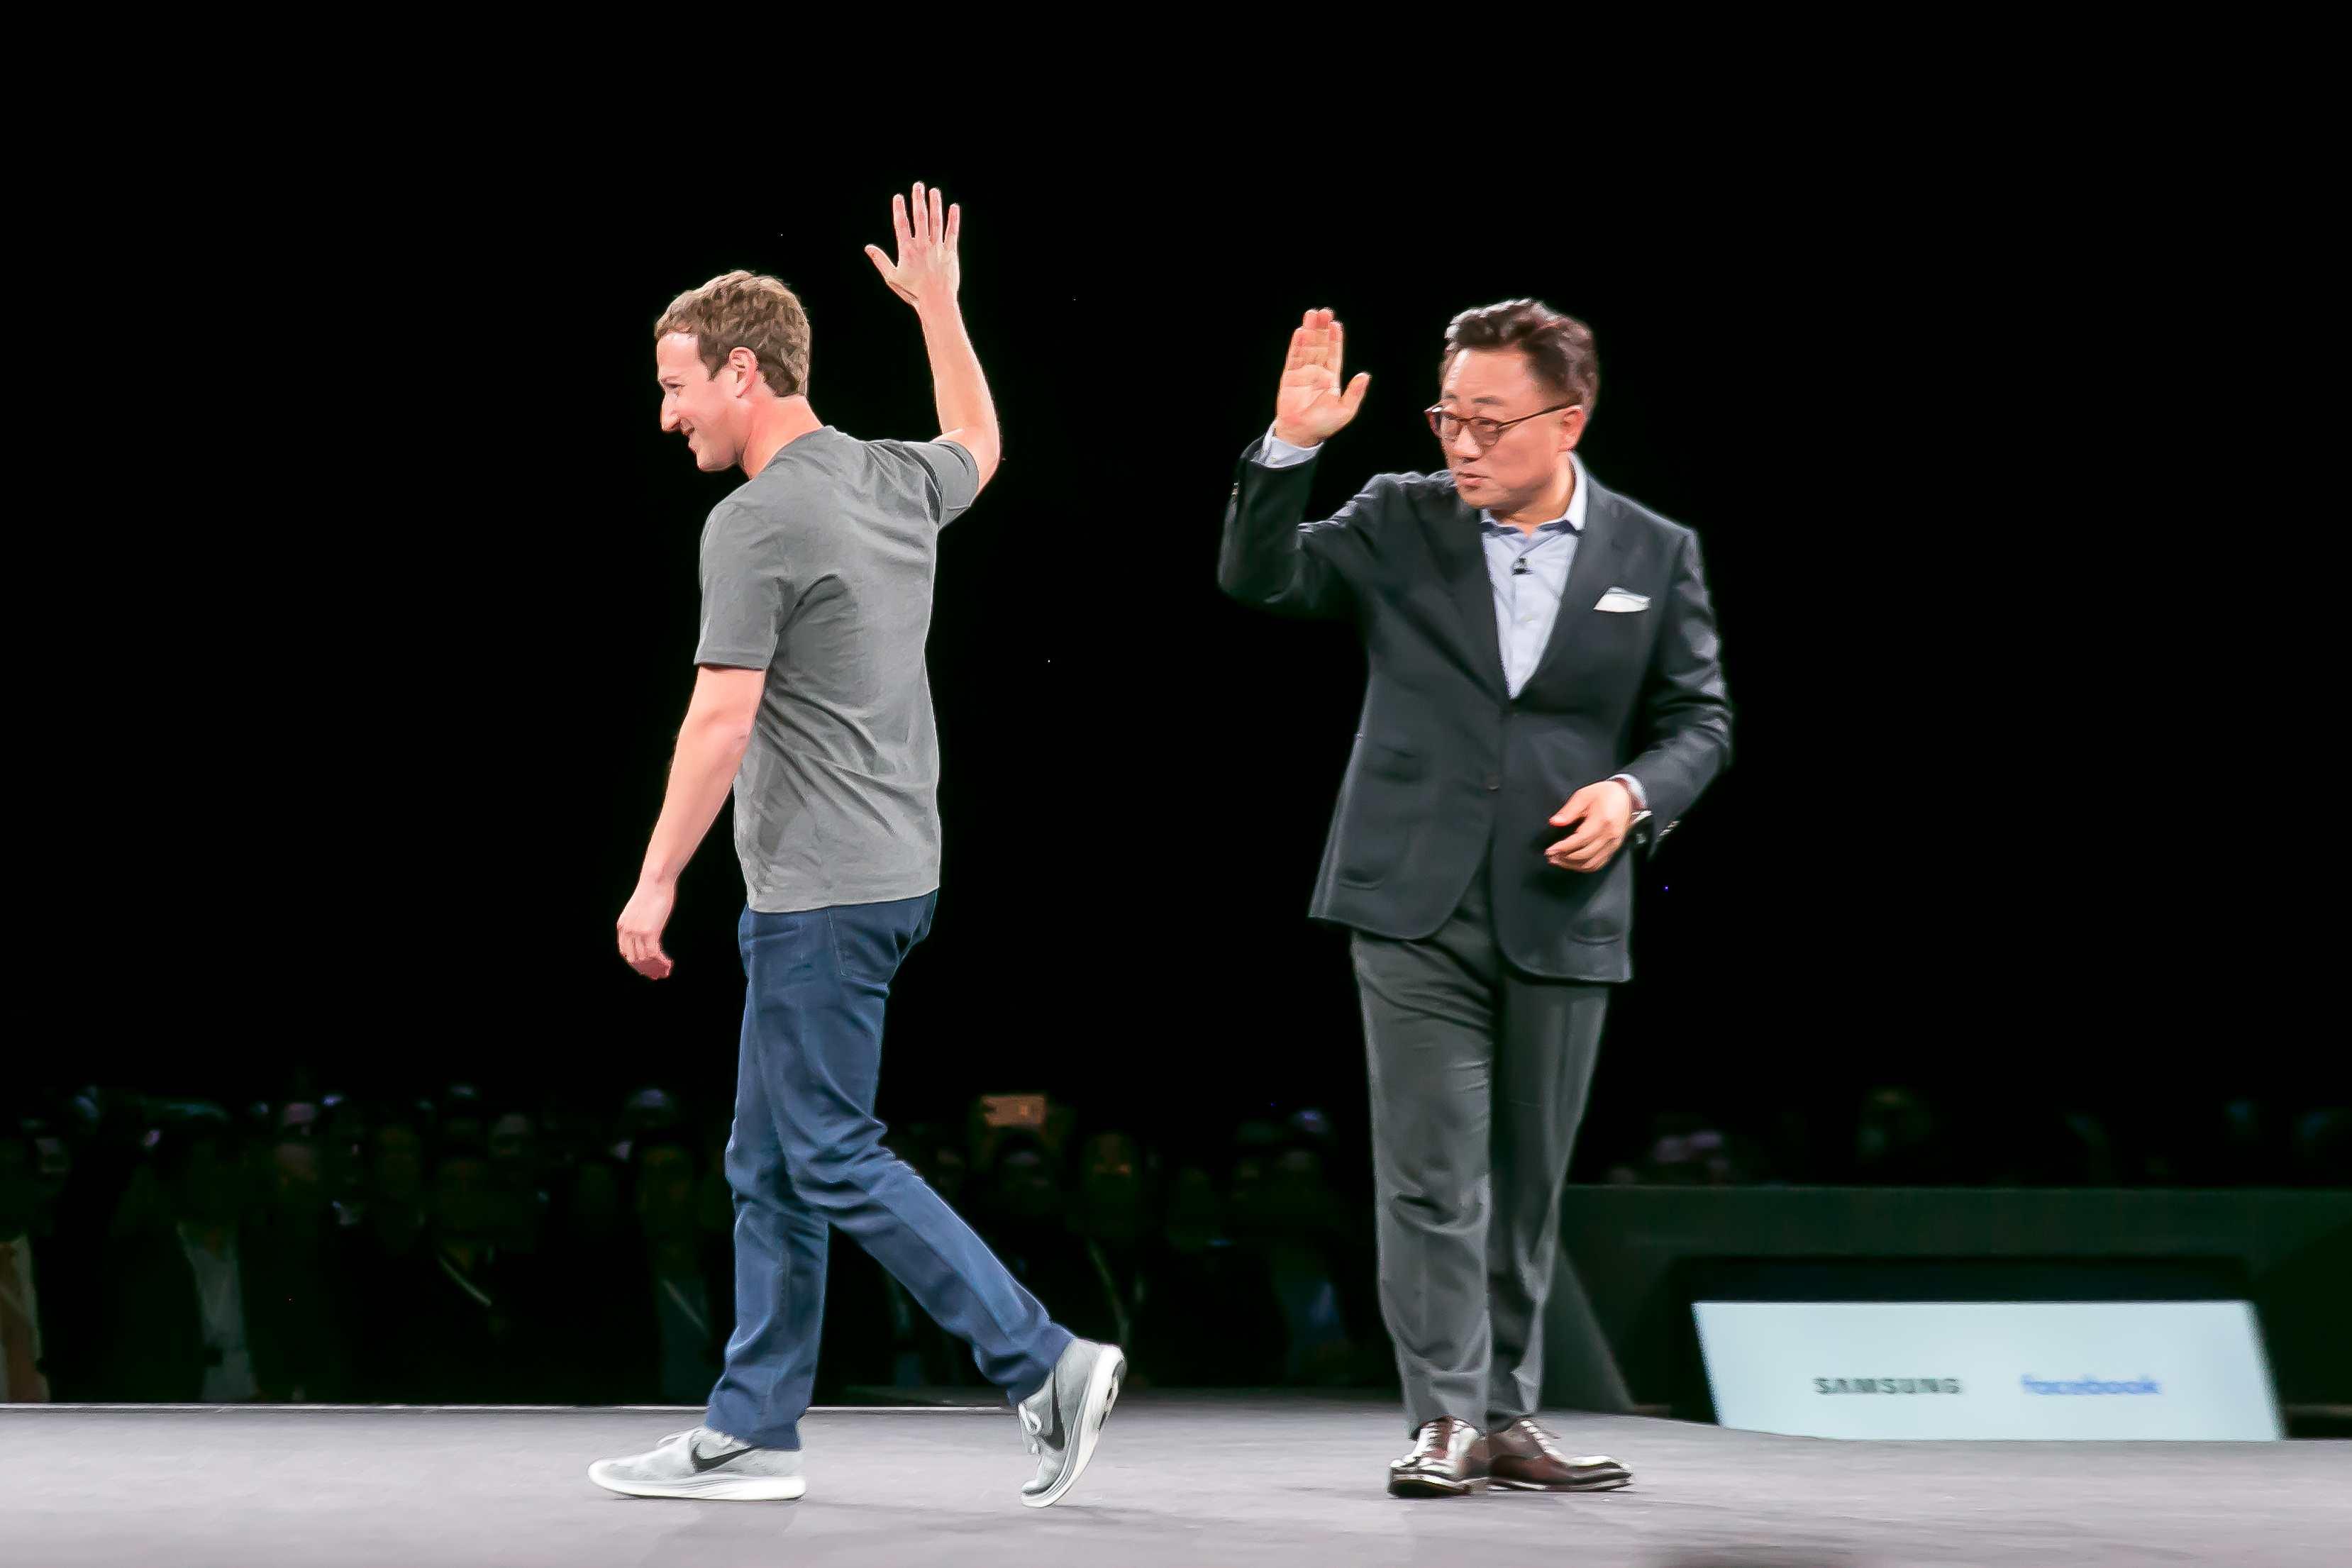 Mark Zuckerberg vystúpil počas Unpacked Eventu, hovoril o skvelej budúcnosti 360°videa a prezident Samsungu vie, že jeho pozvaním na pódium urobil veľmi dobre